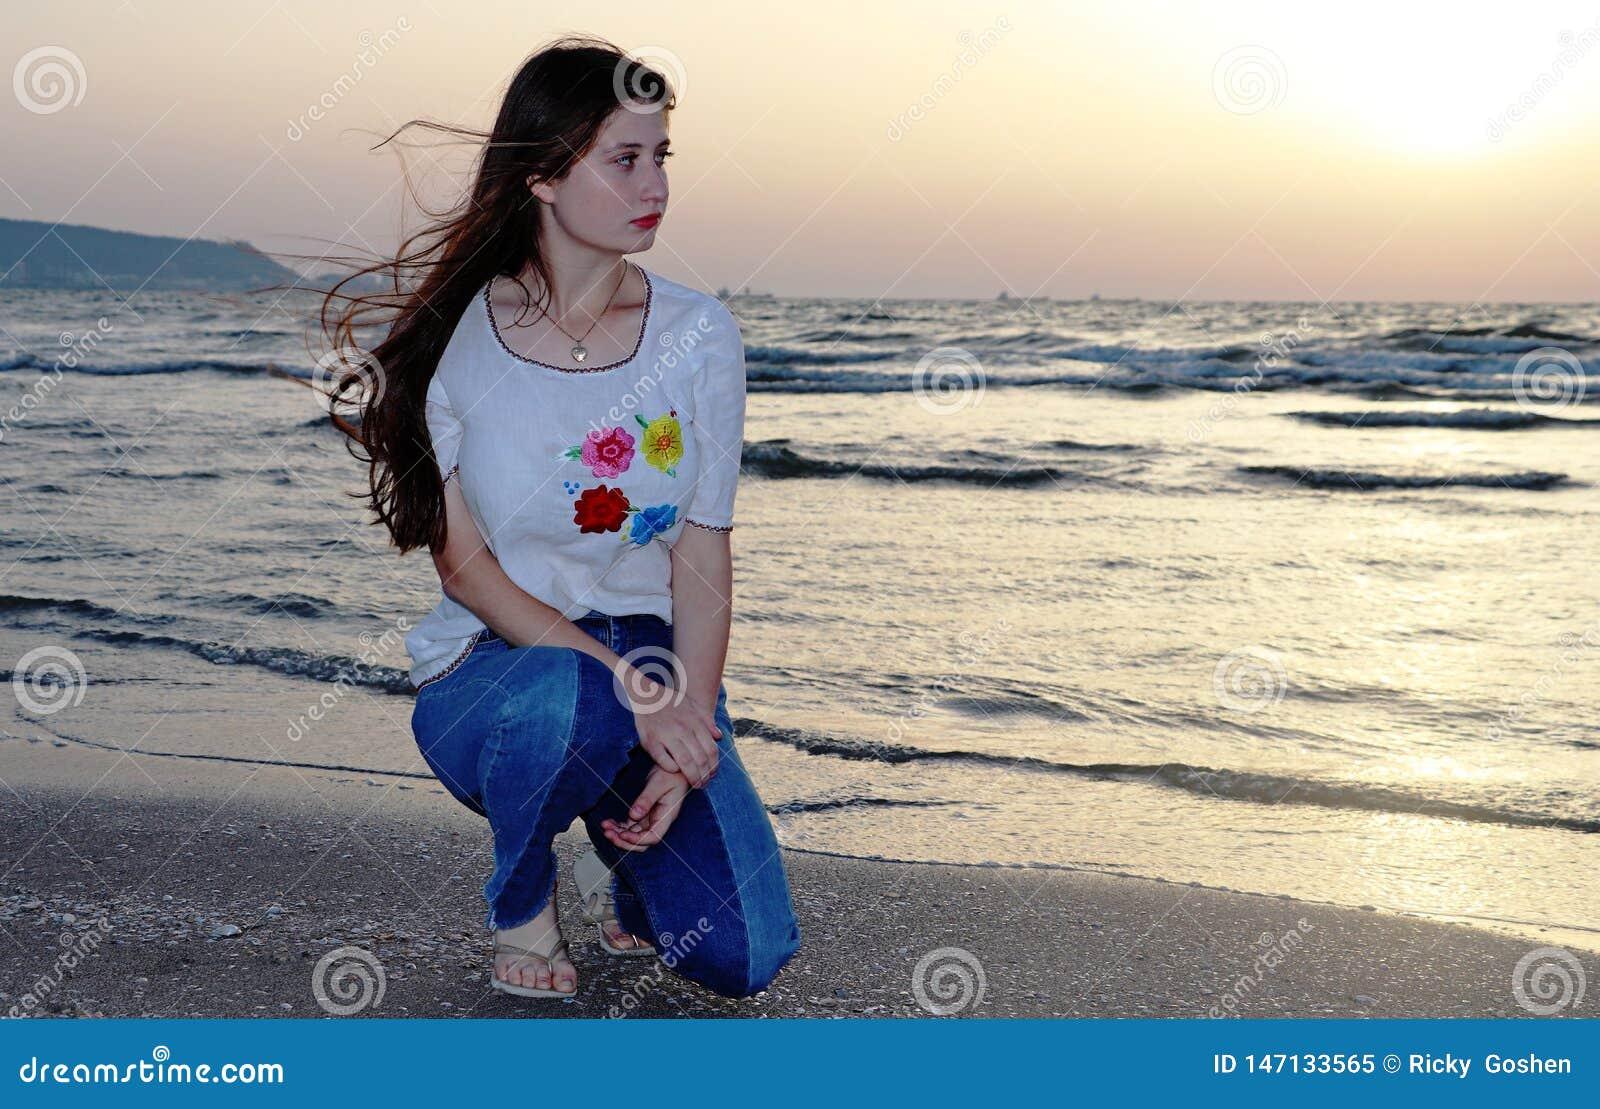 Красивый девочка-подросток сидит на пляже